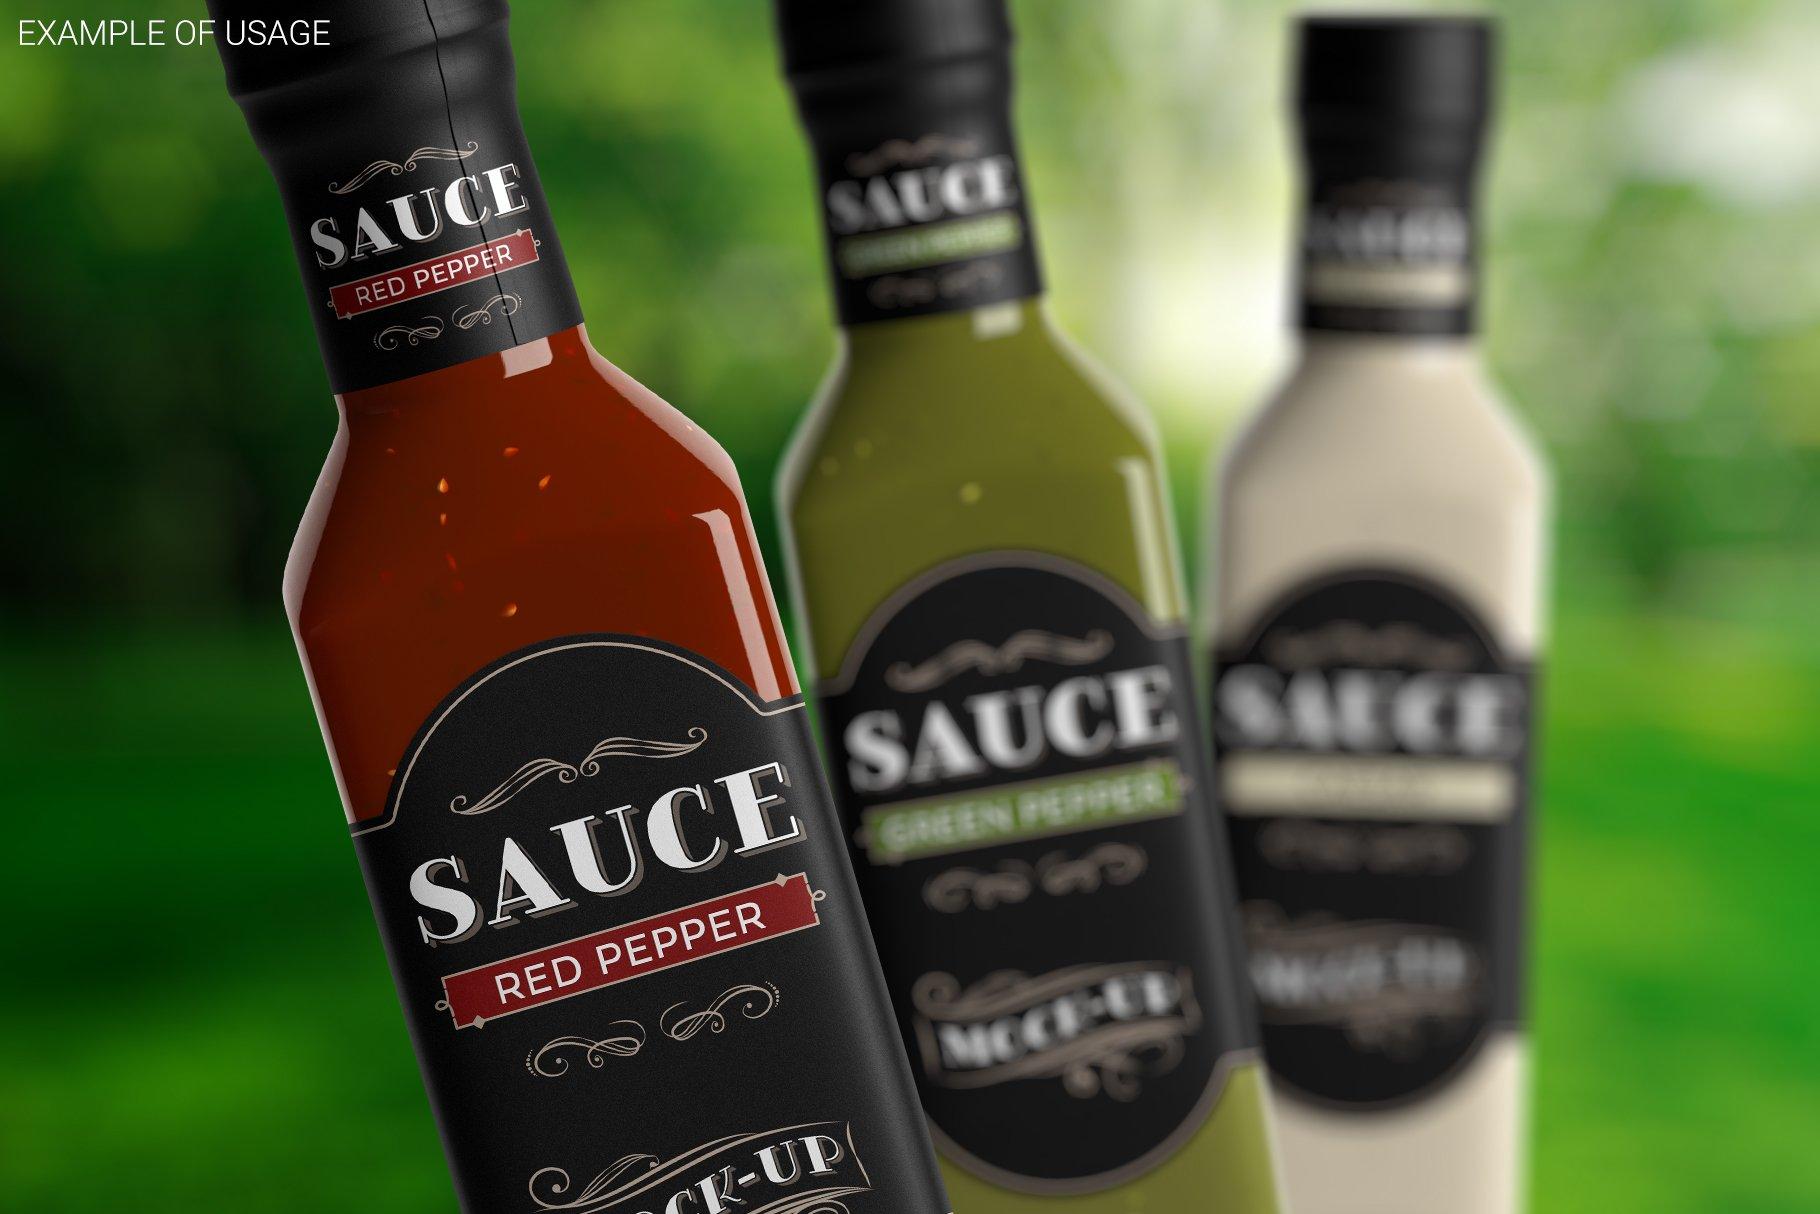 方形玻璃果酱酱油瓶样机 Sauce Bottle Mockup插图(4)